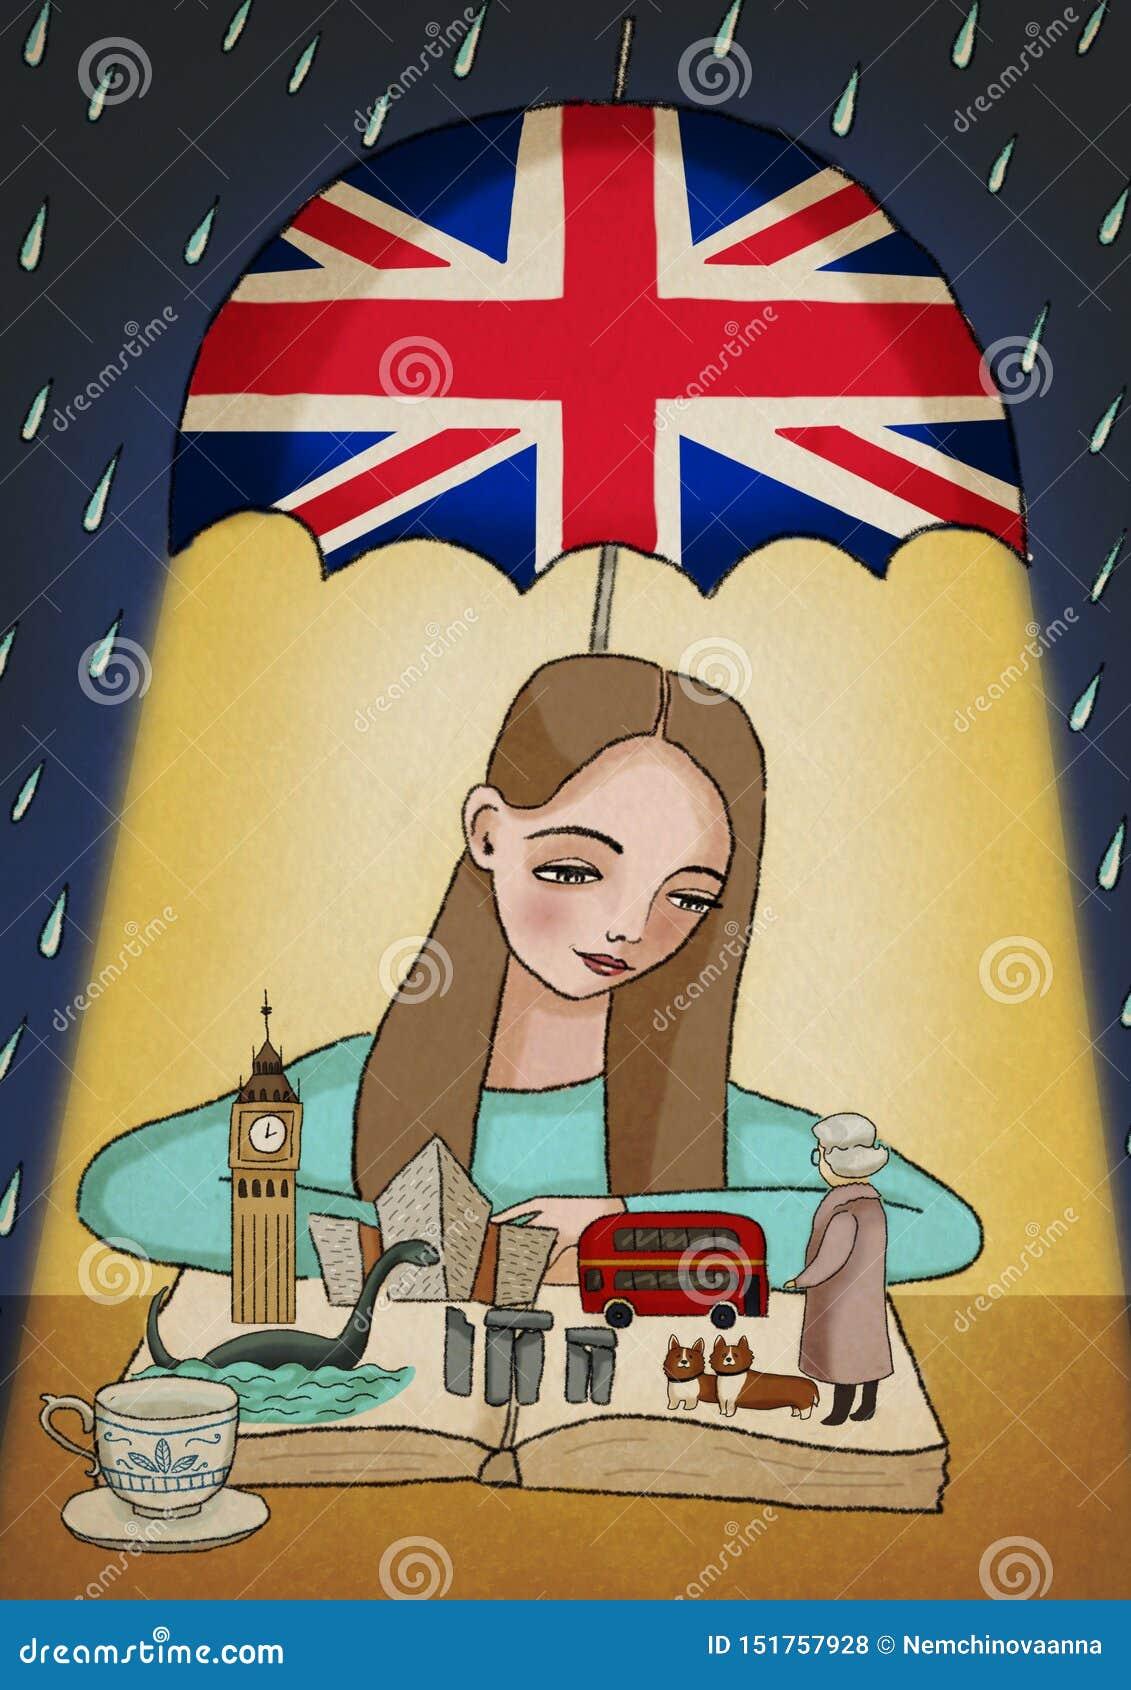 Menina que aprende o inglês britânico, olhando o livro com coisas dos símbolos, as tradicionais e as conhecidas do Reino Unido de